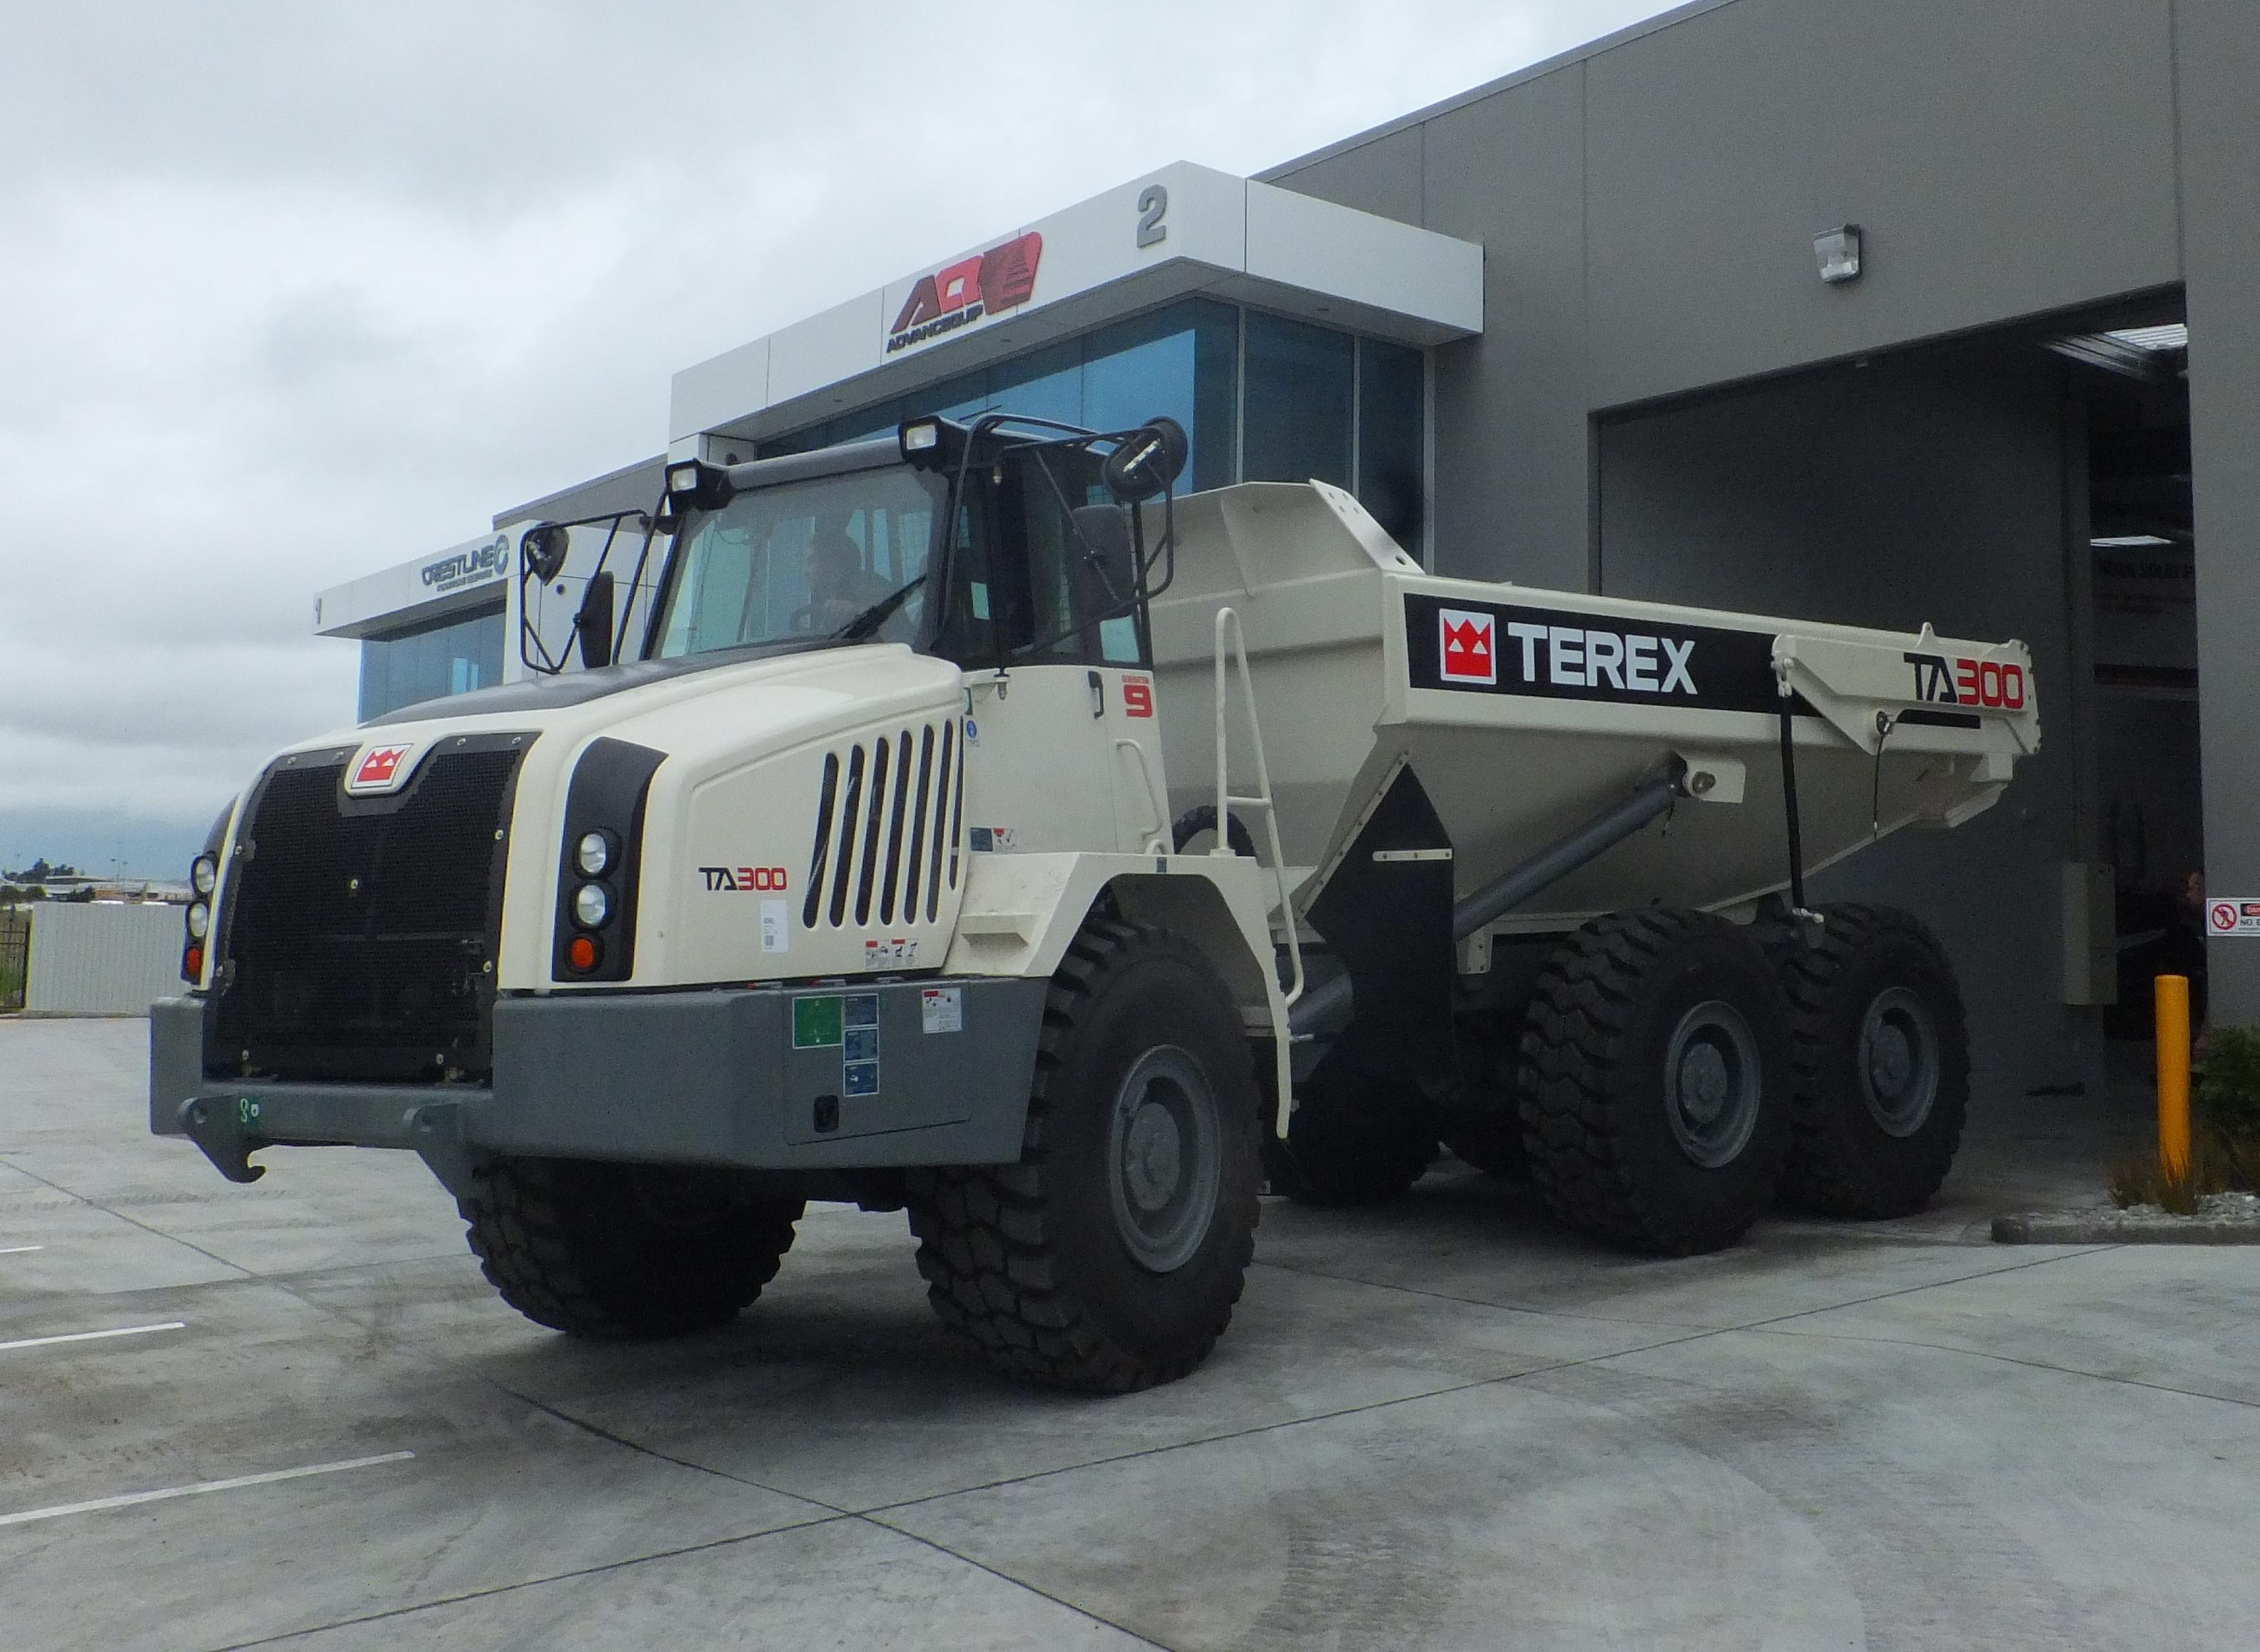 Terex TA300 Gen 9 Articulated Dump Truck